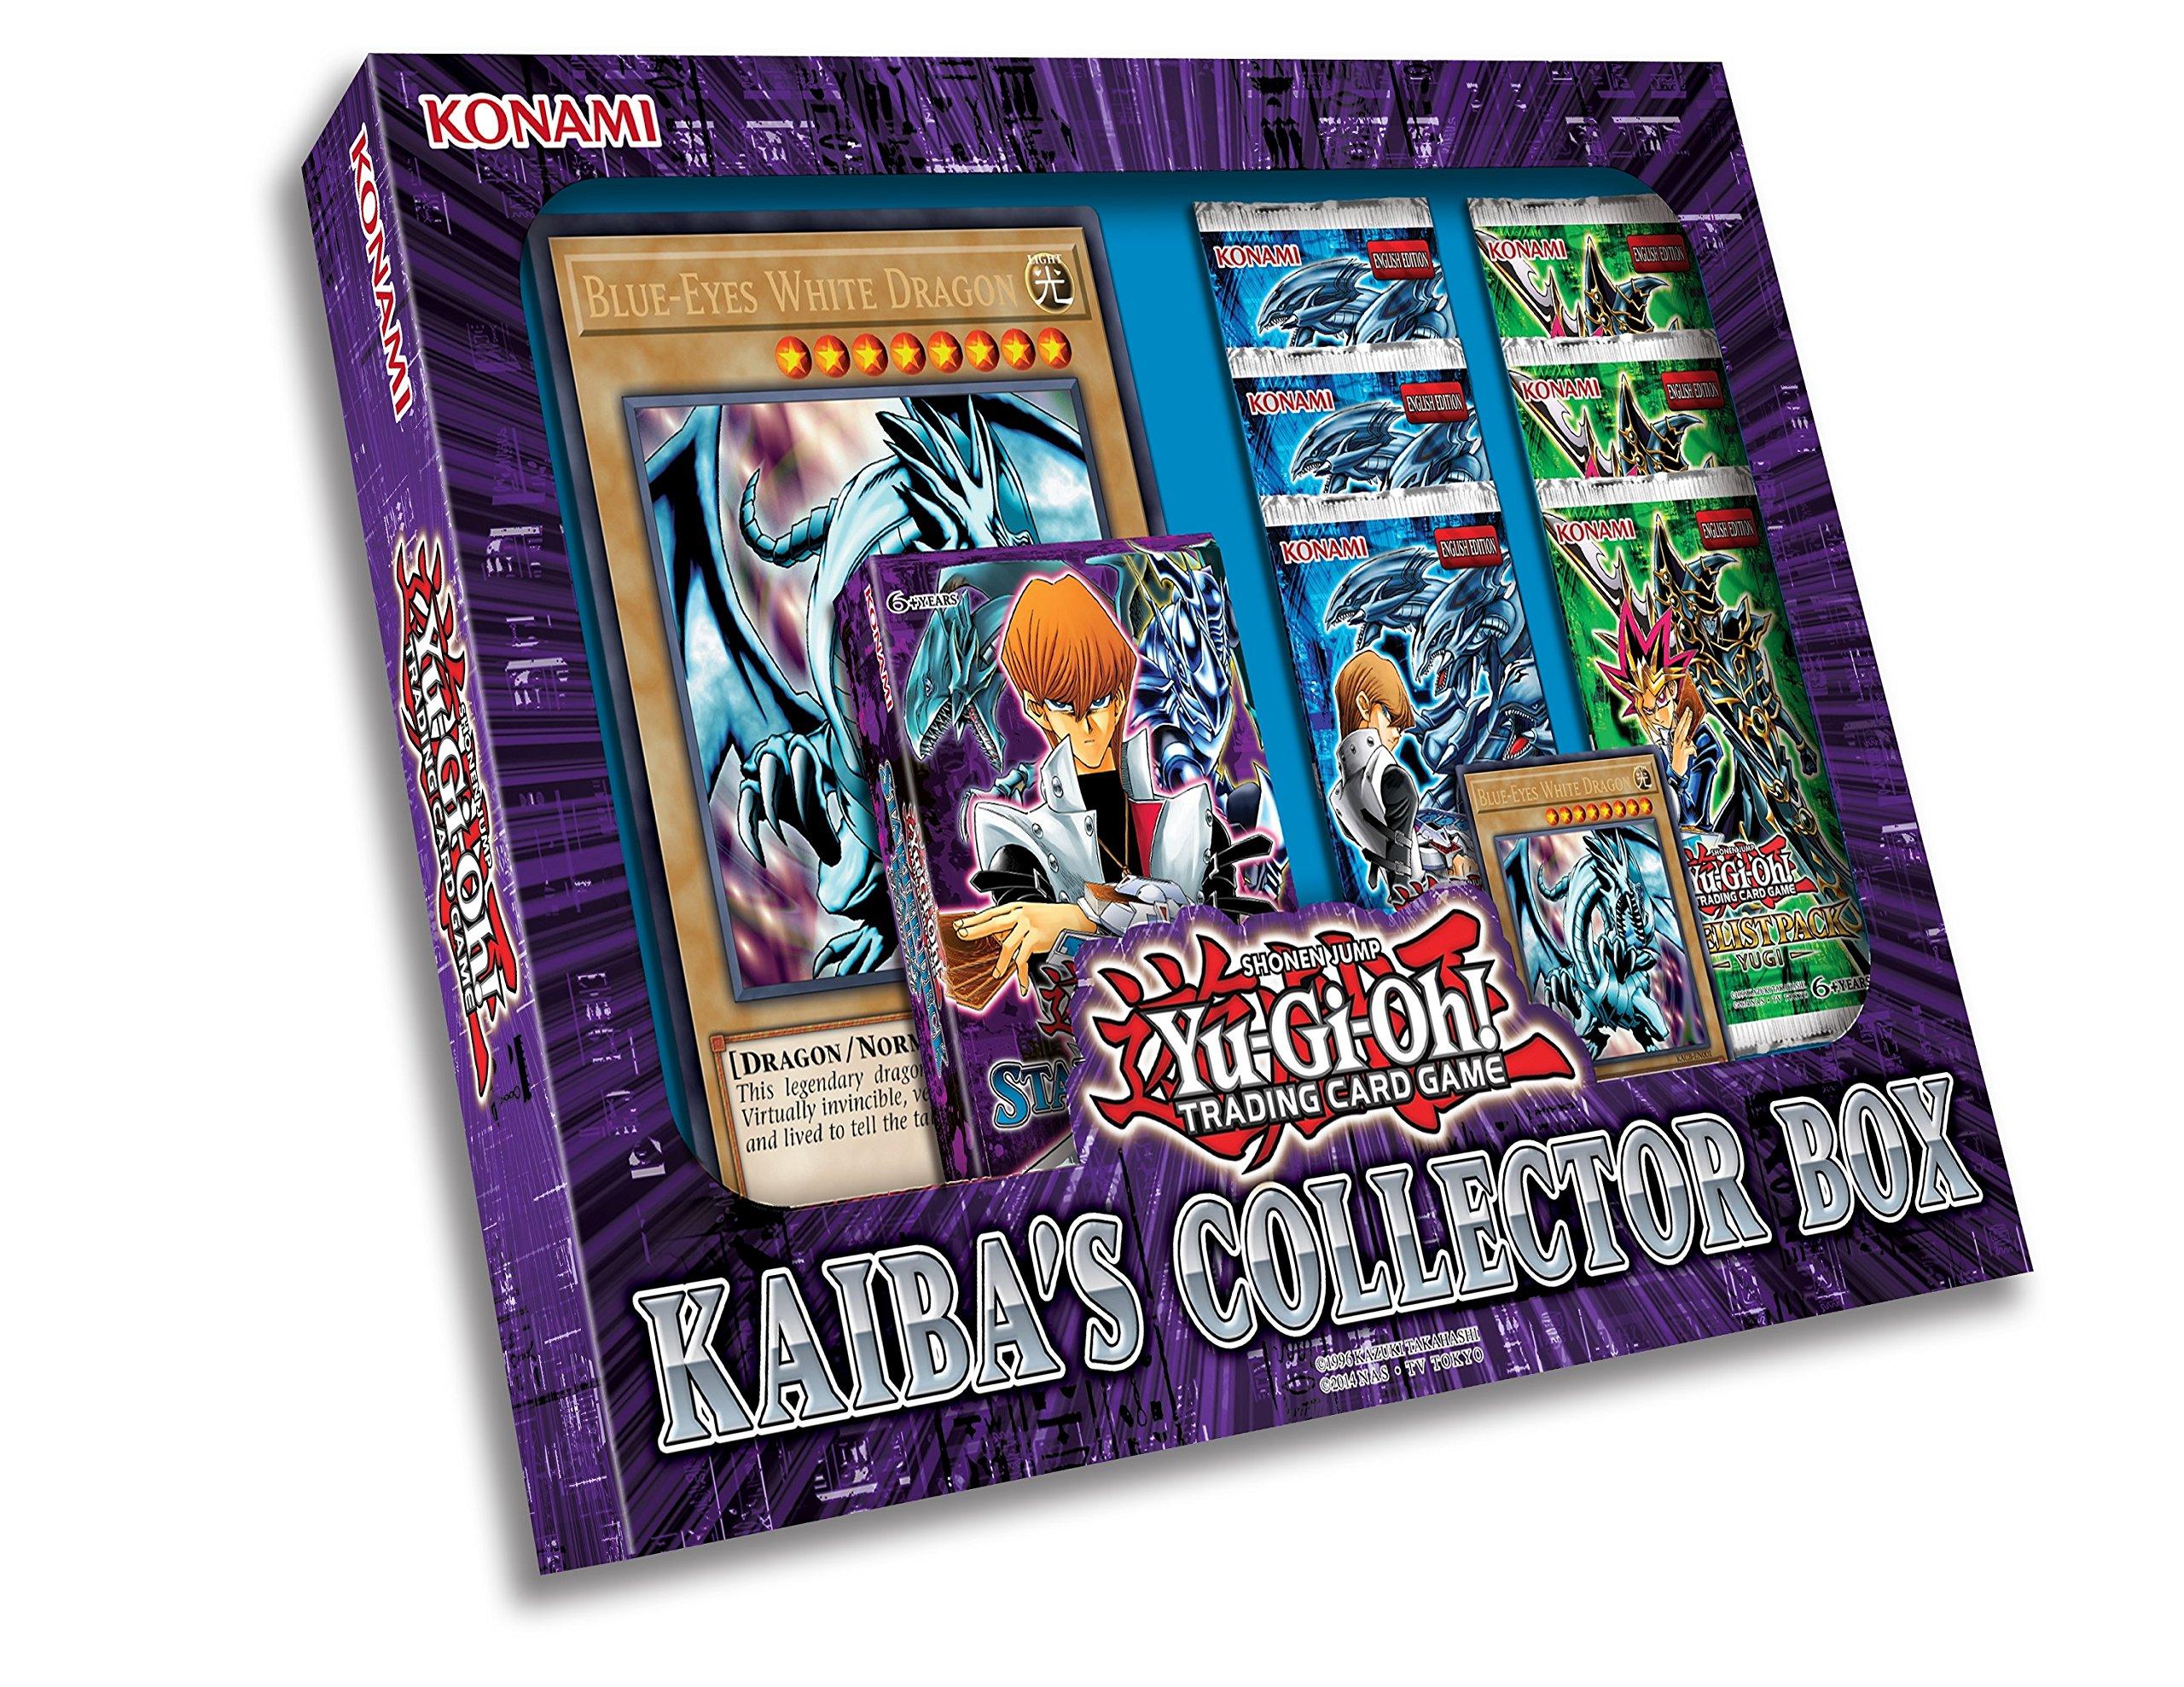 Yu-Gi-Oh! TCG: Kaiba Collectors Box by Yu-Gi-Oh!